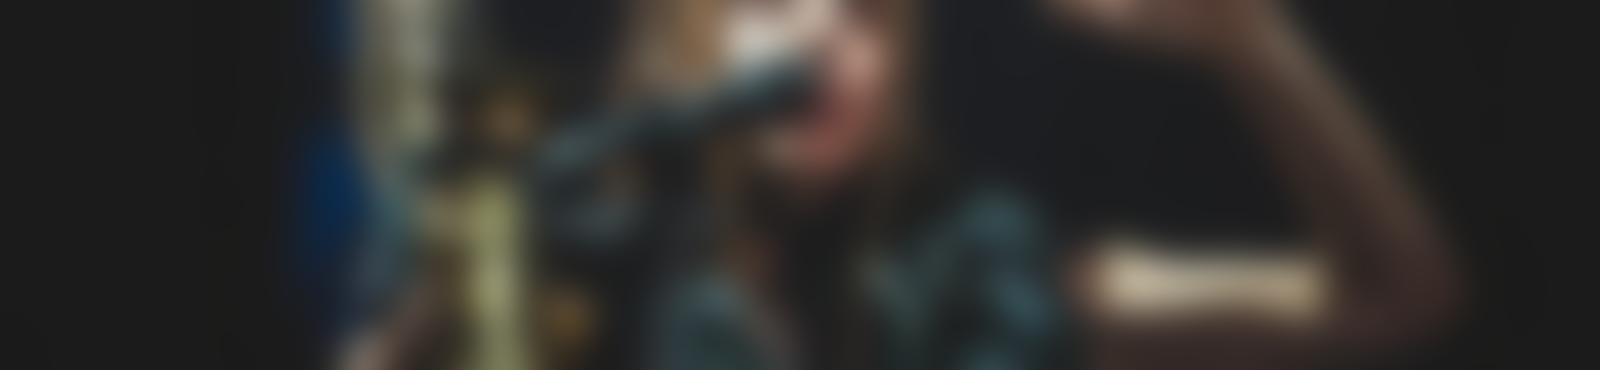 Blurred b370da52 a376 4635 a8cd bfb987509693